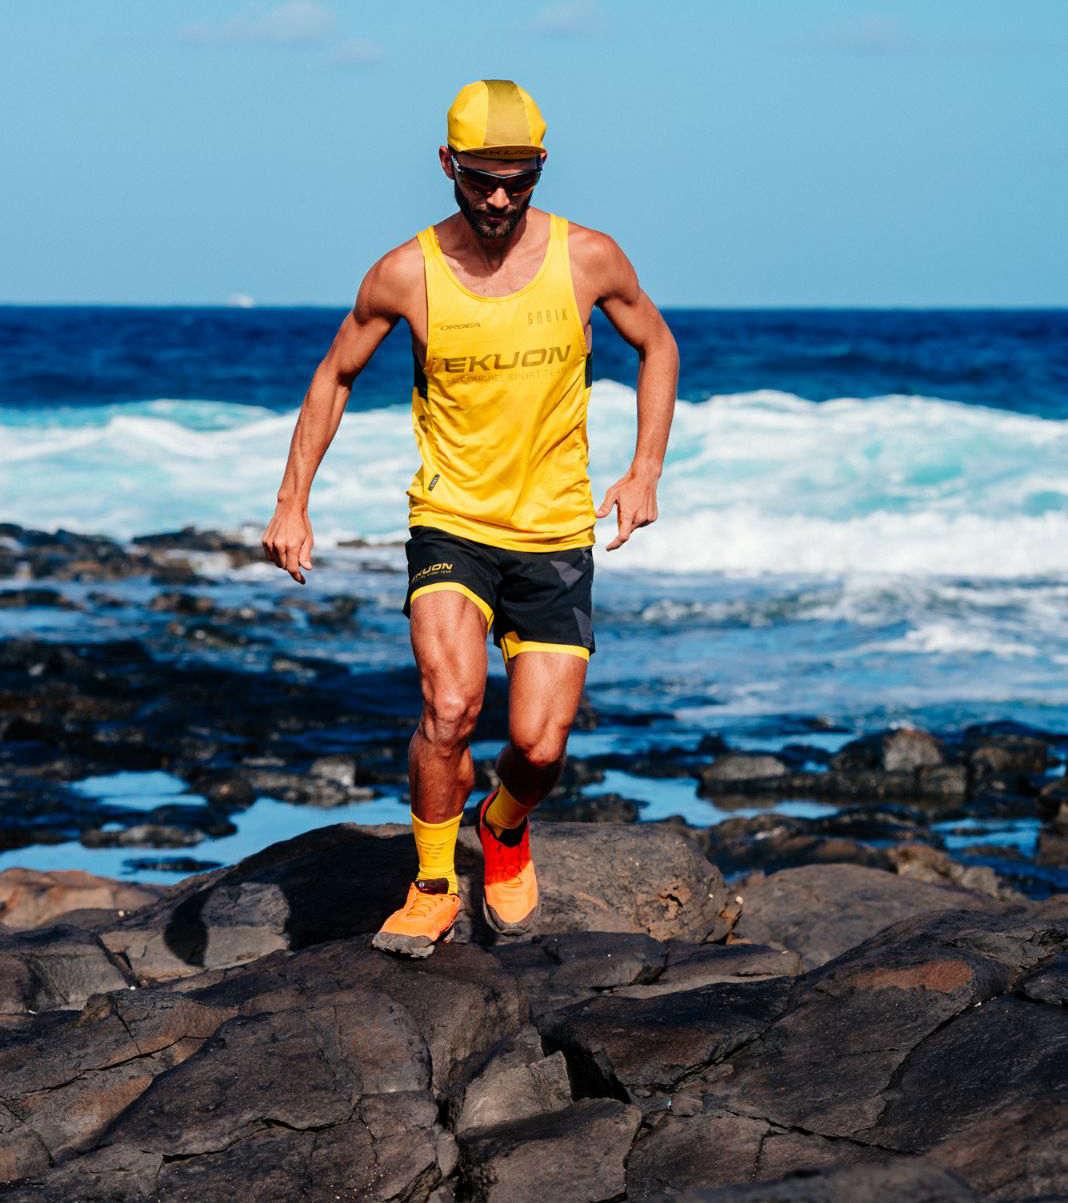 Efrén Segundo, atleta del Ekuon El Conchel Sport Team